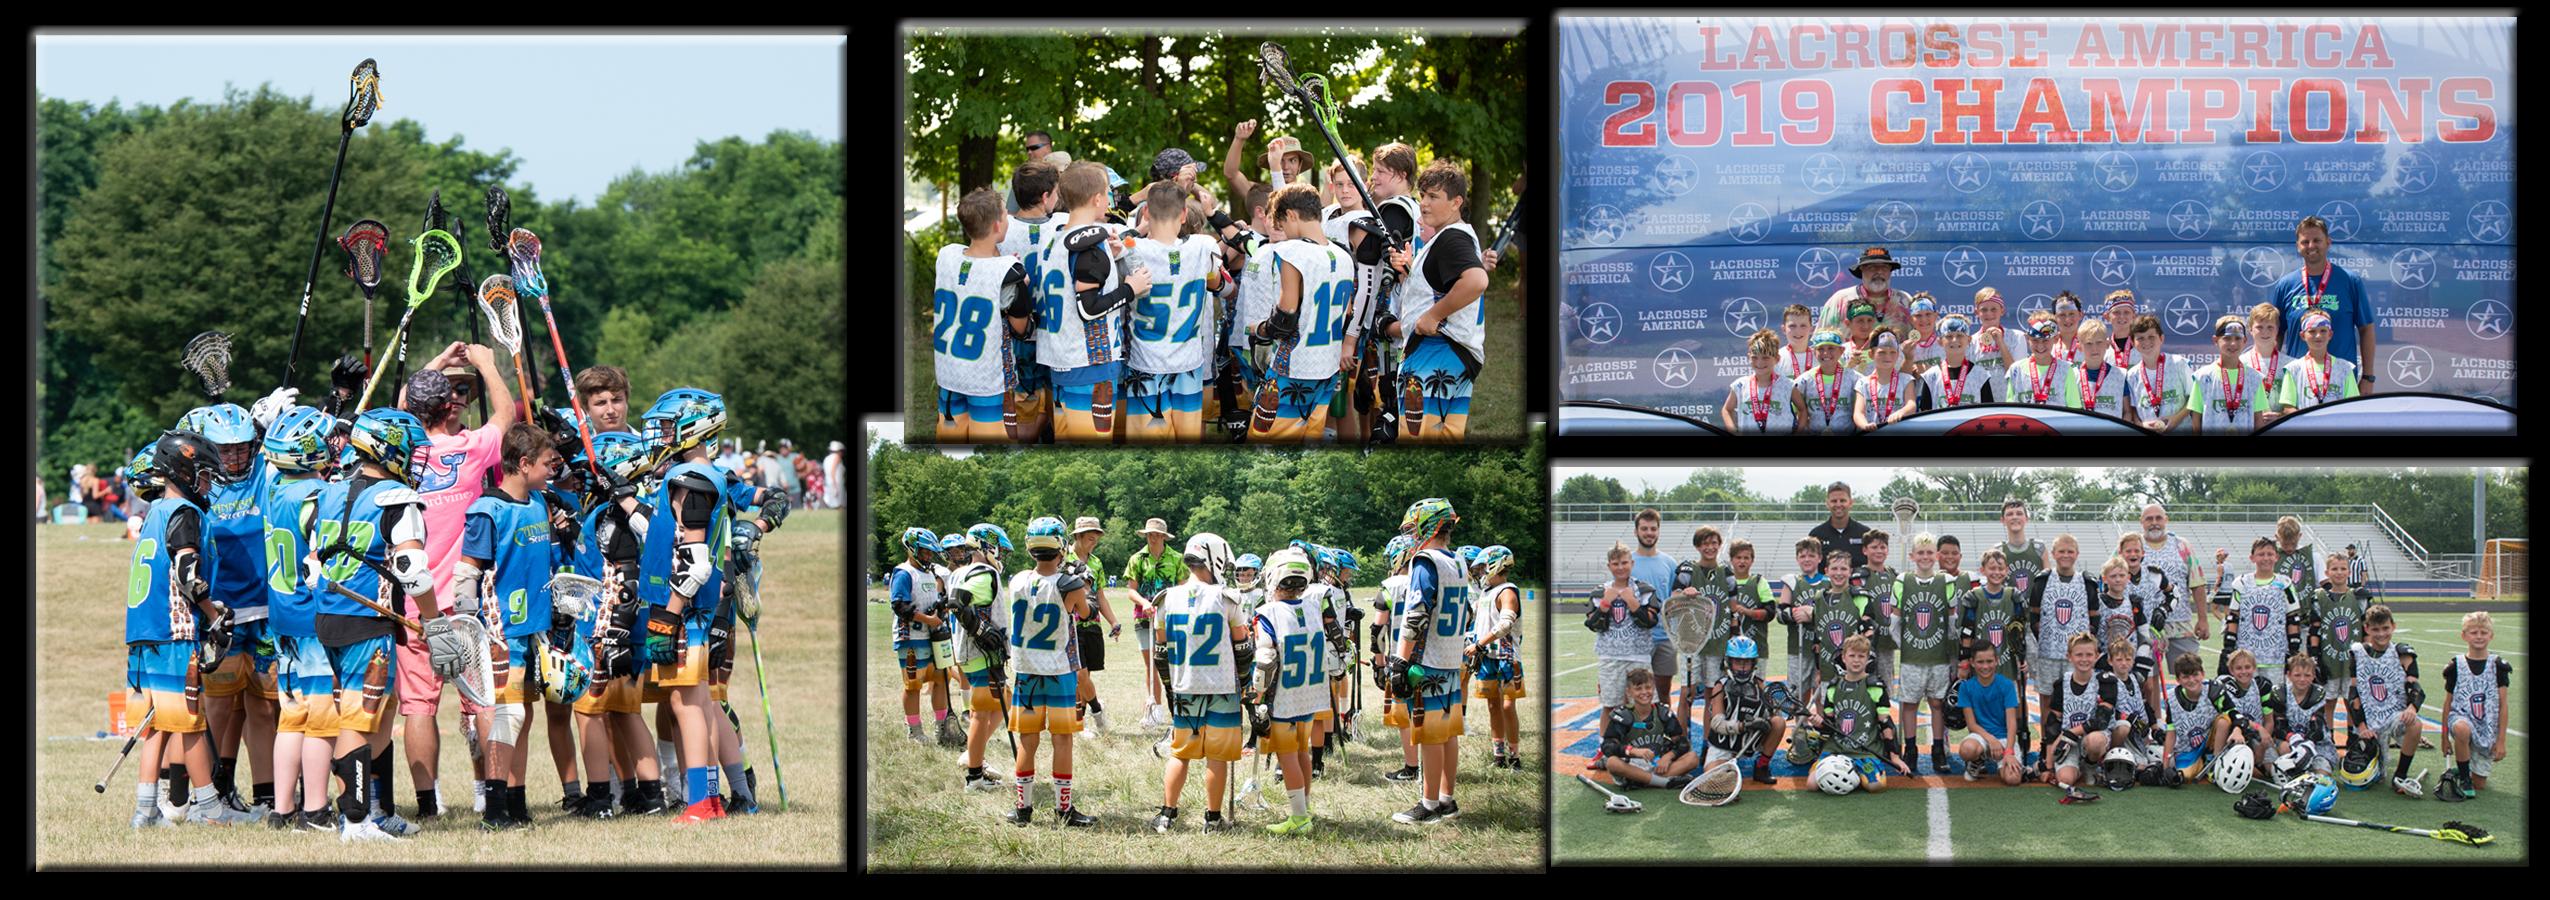 Cannibal Lacrosse, Lacrosse, Goal, Field